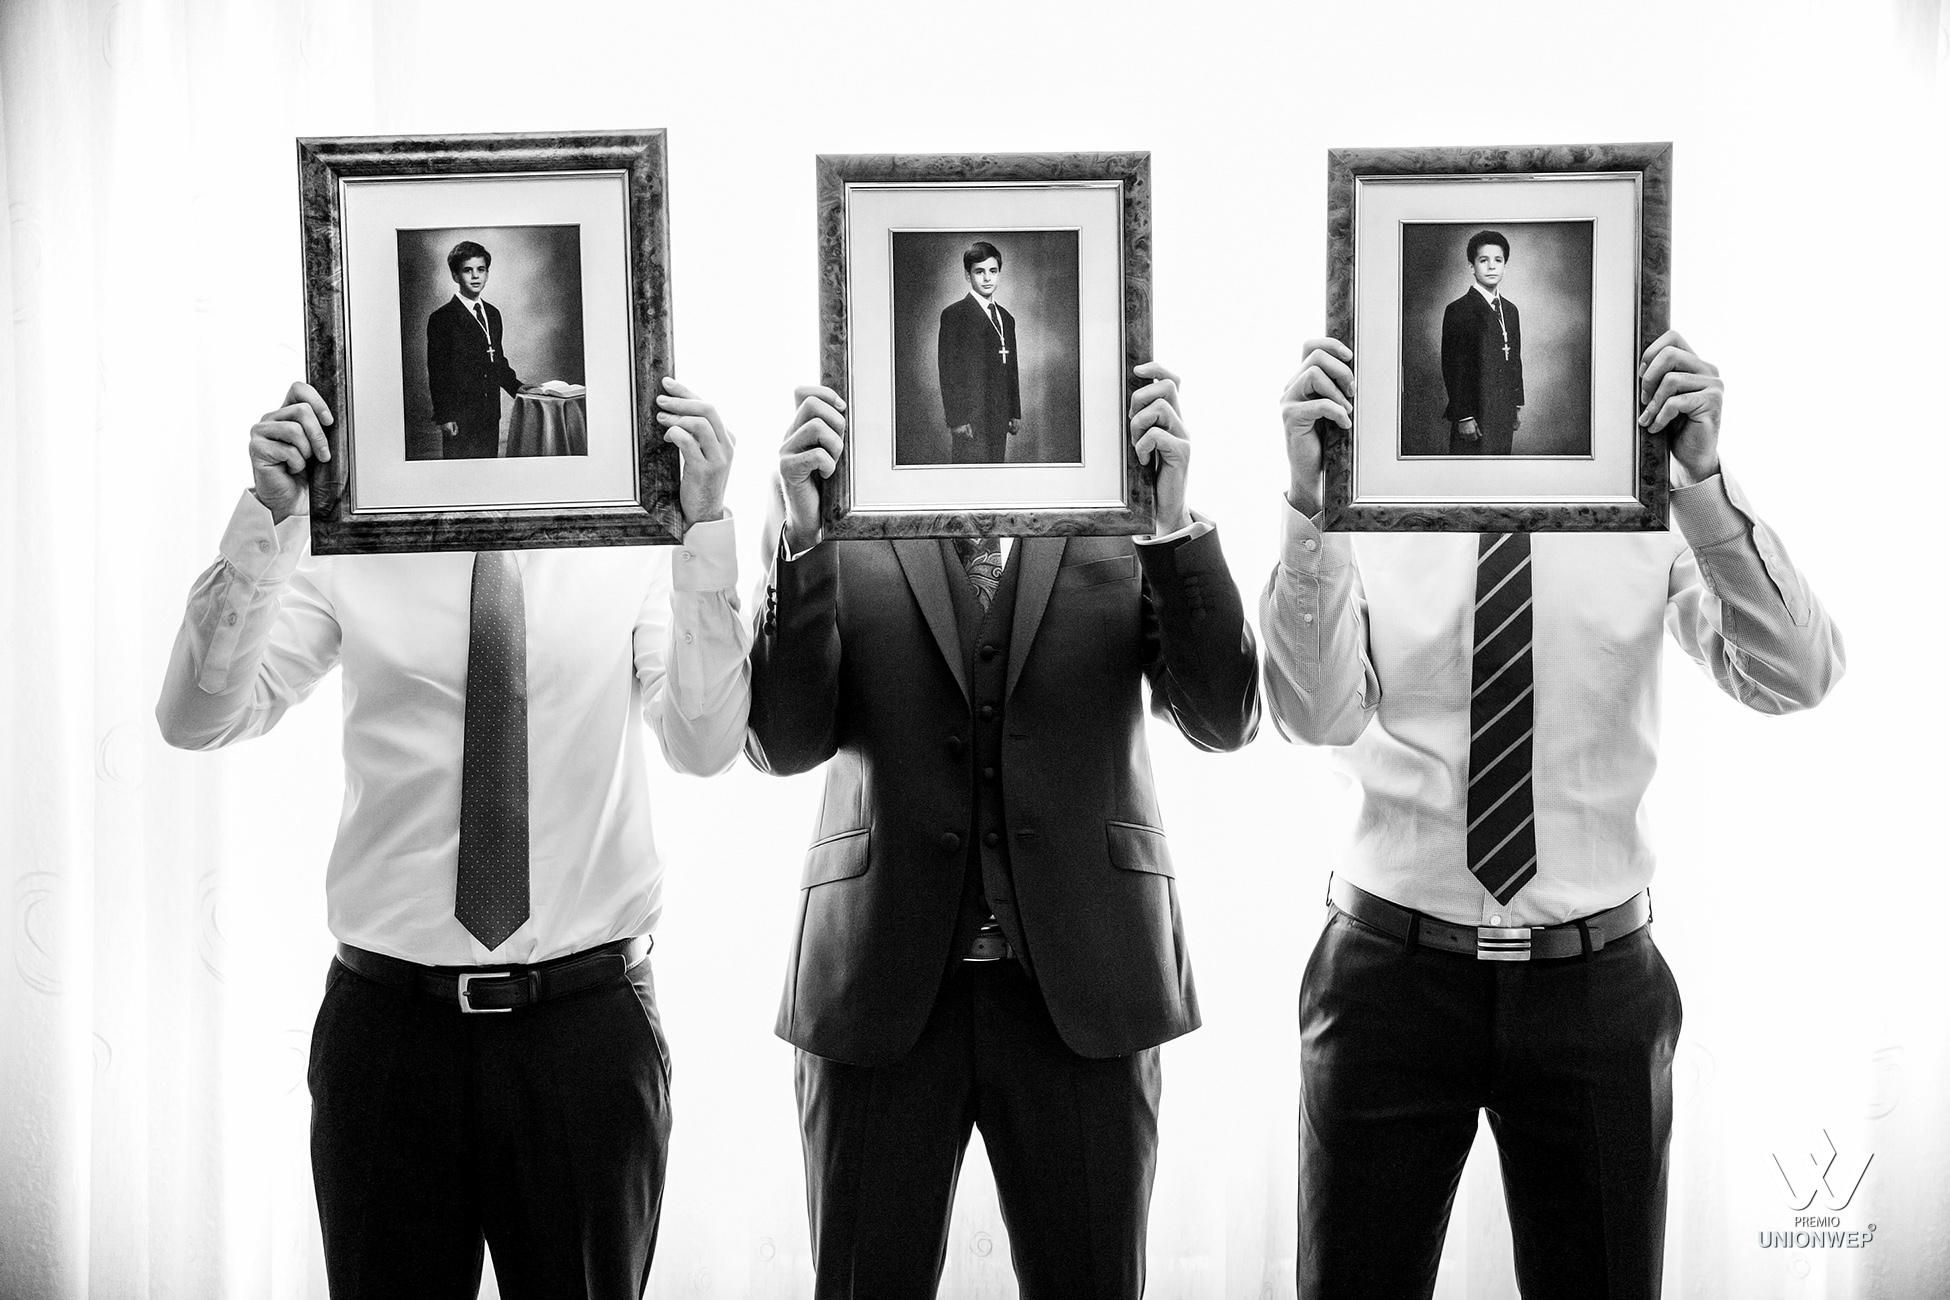 Tres fotografías para el premio nacional Unionwep, Ferran-MALLOL, unionwep, premio nacional de fotografia